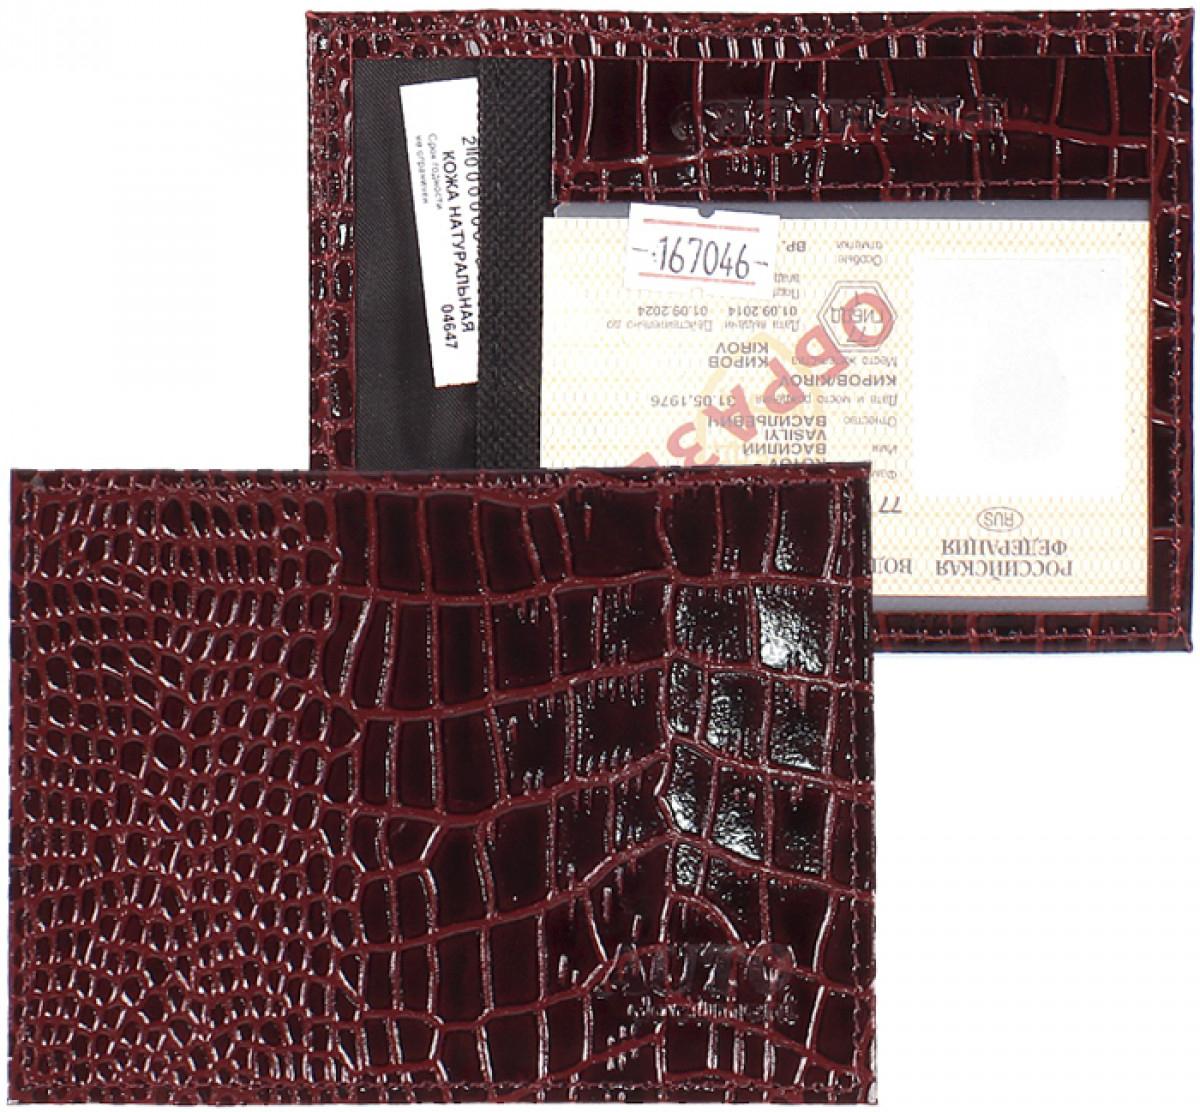 Обложка для автодокументов Premier, цвет: бордовый. 167046167046Обложка для авто.документов бордо крок